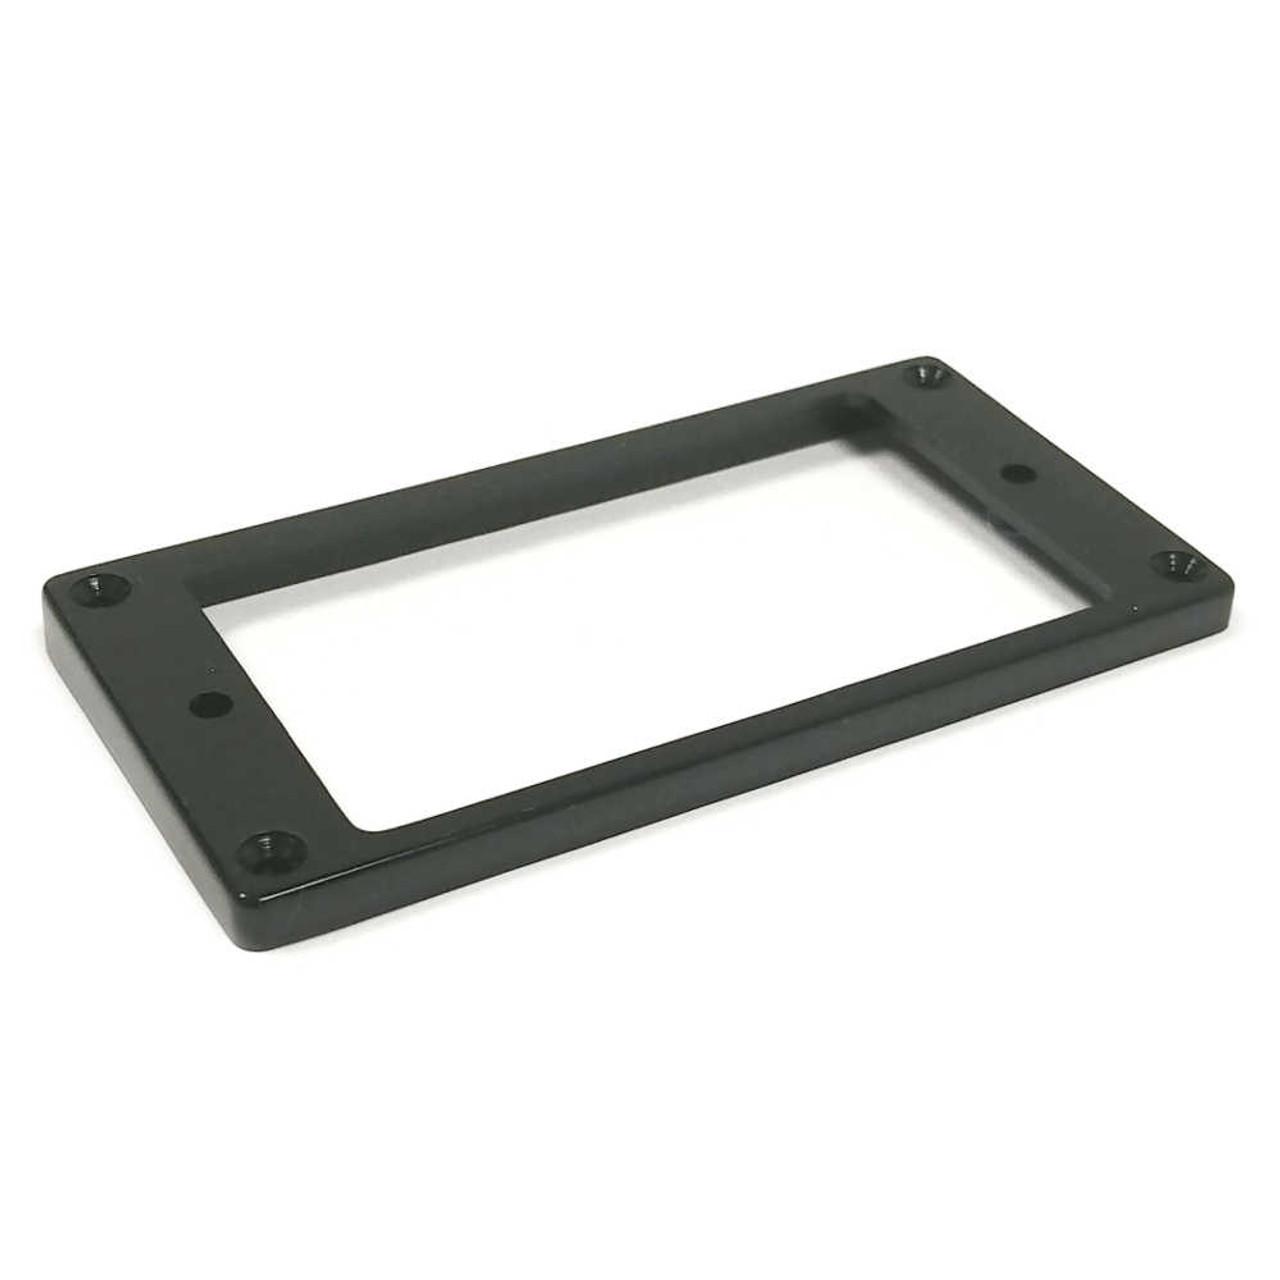 Humbucker Mounting Ring - Flat/Slanted Short - Black